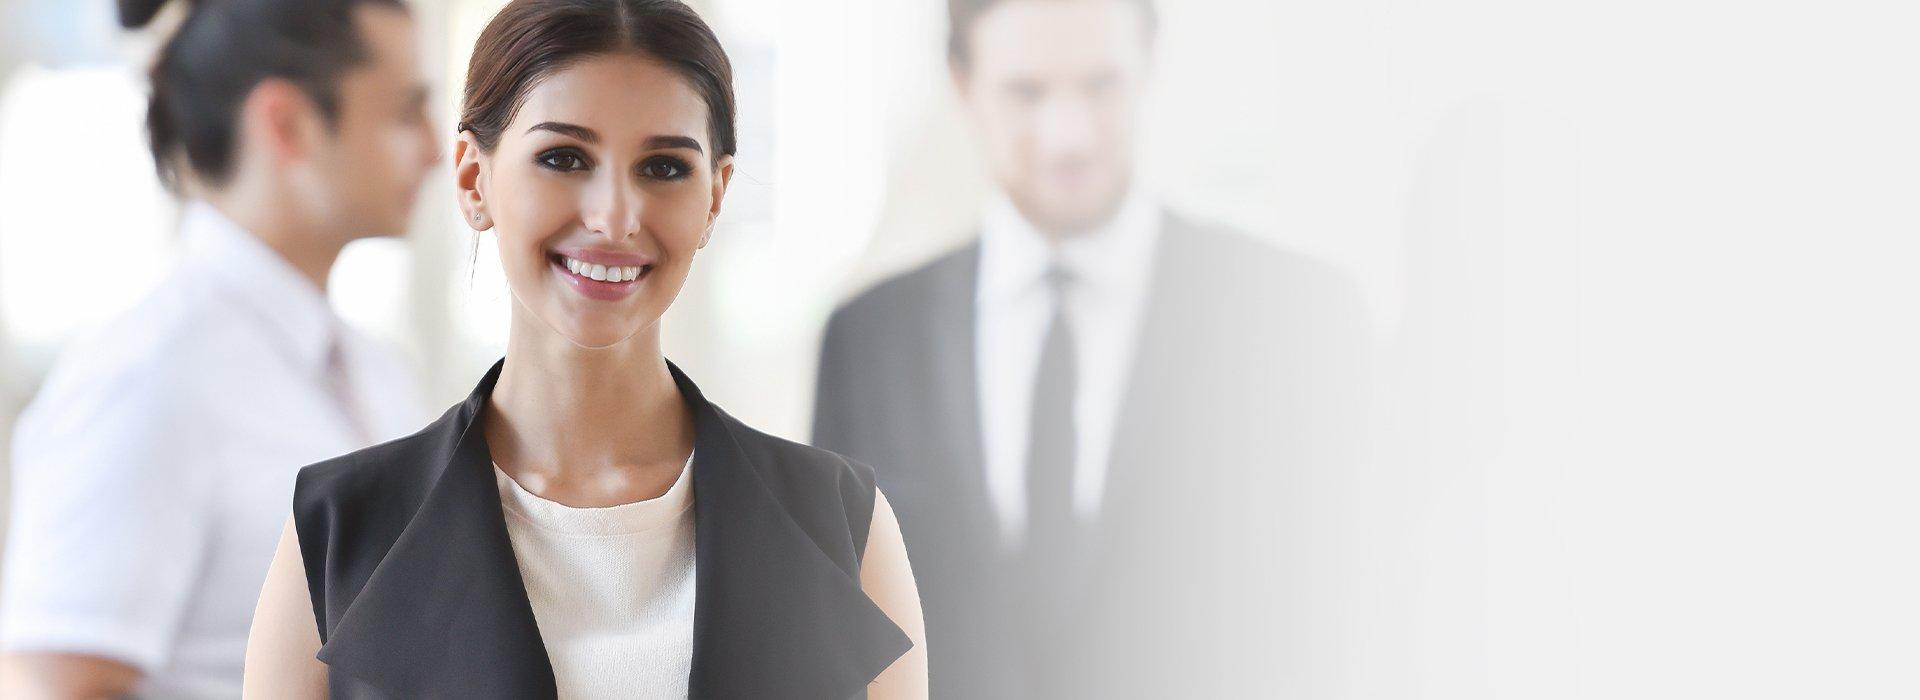 career_available_job